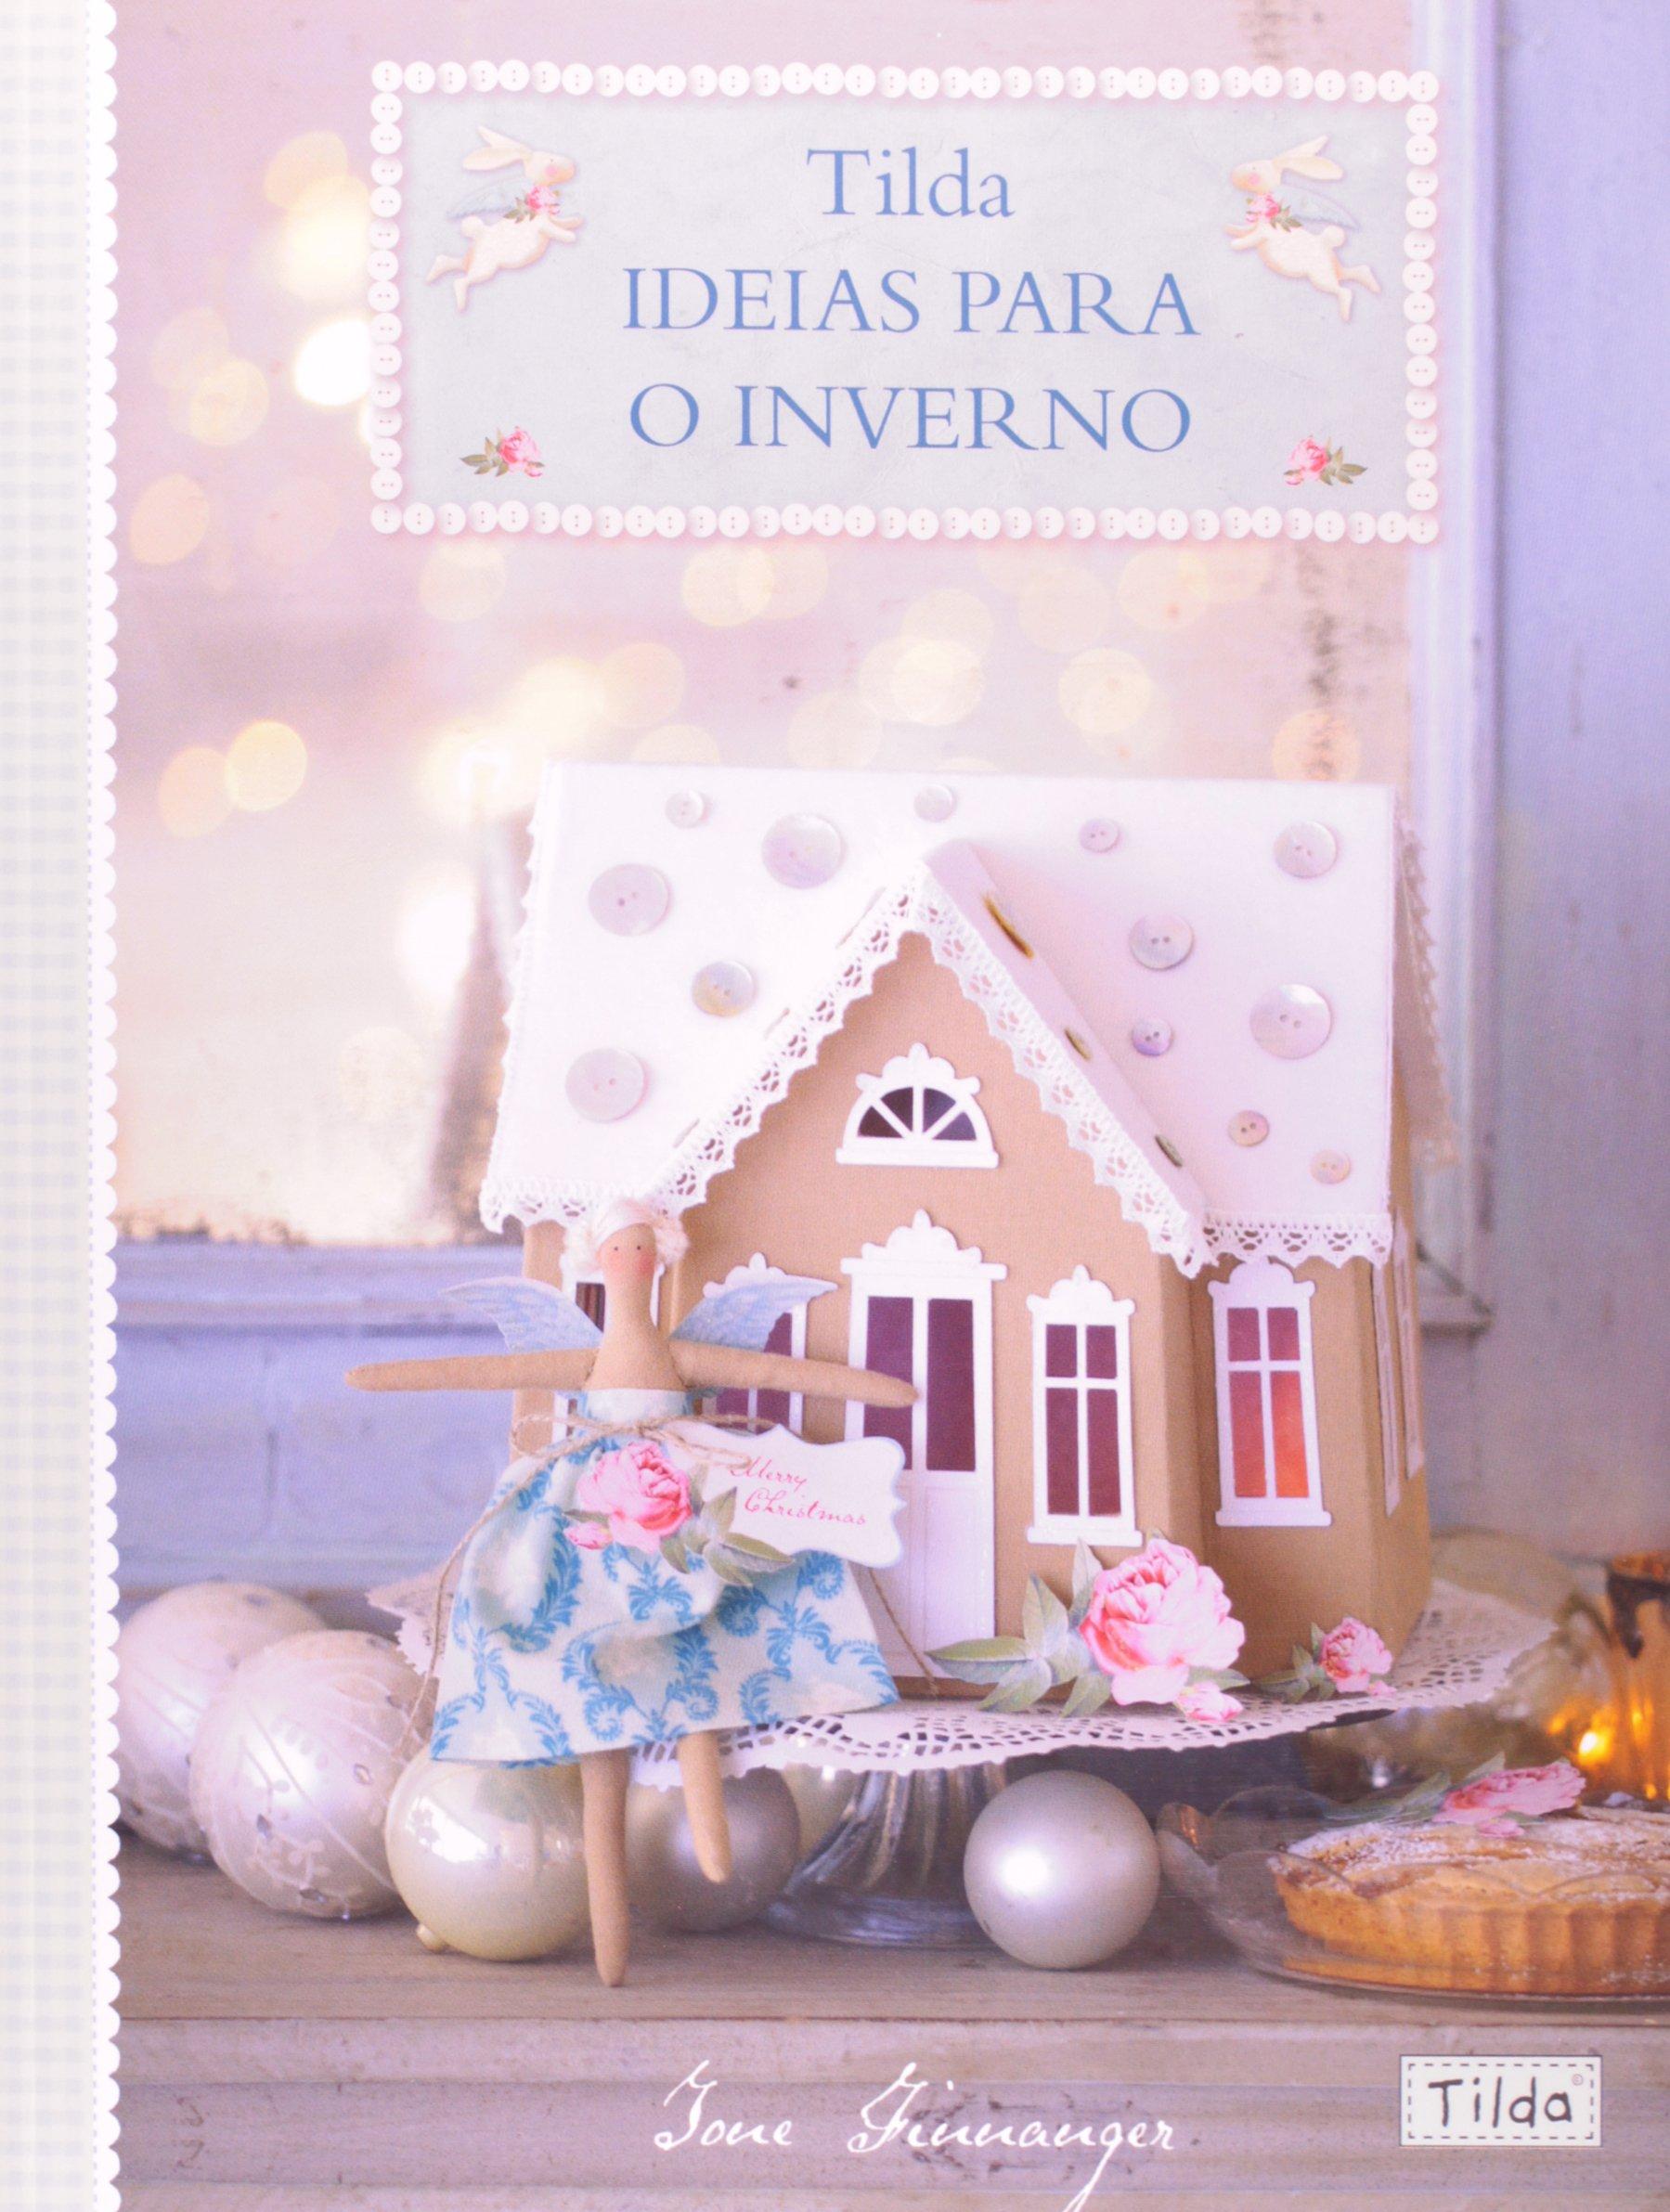 Tilda. Ideias Para o Inverno (Em Portuguese do Brasil): Tone Finnanger: 9788561749385: Amazon.com: Books